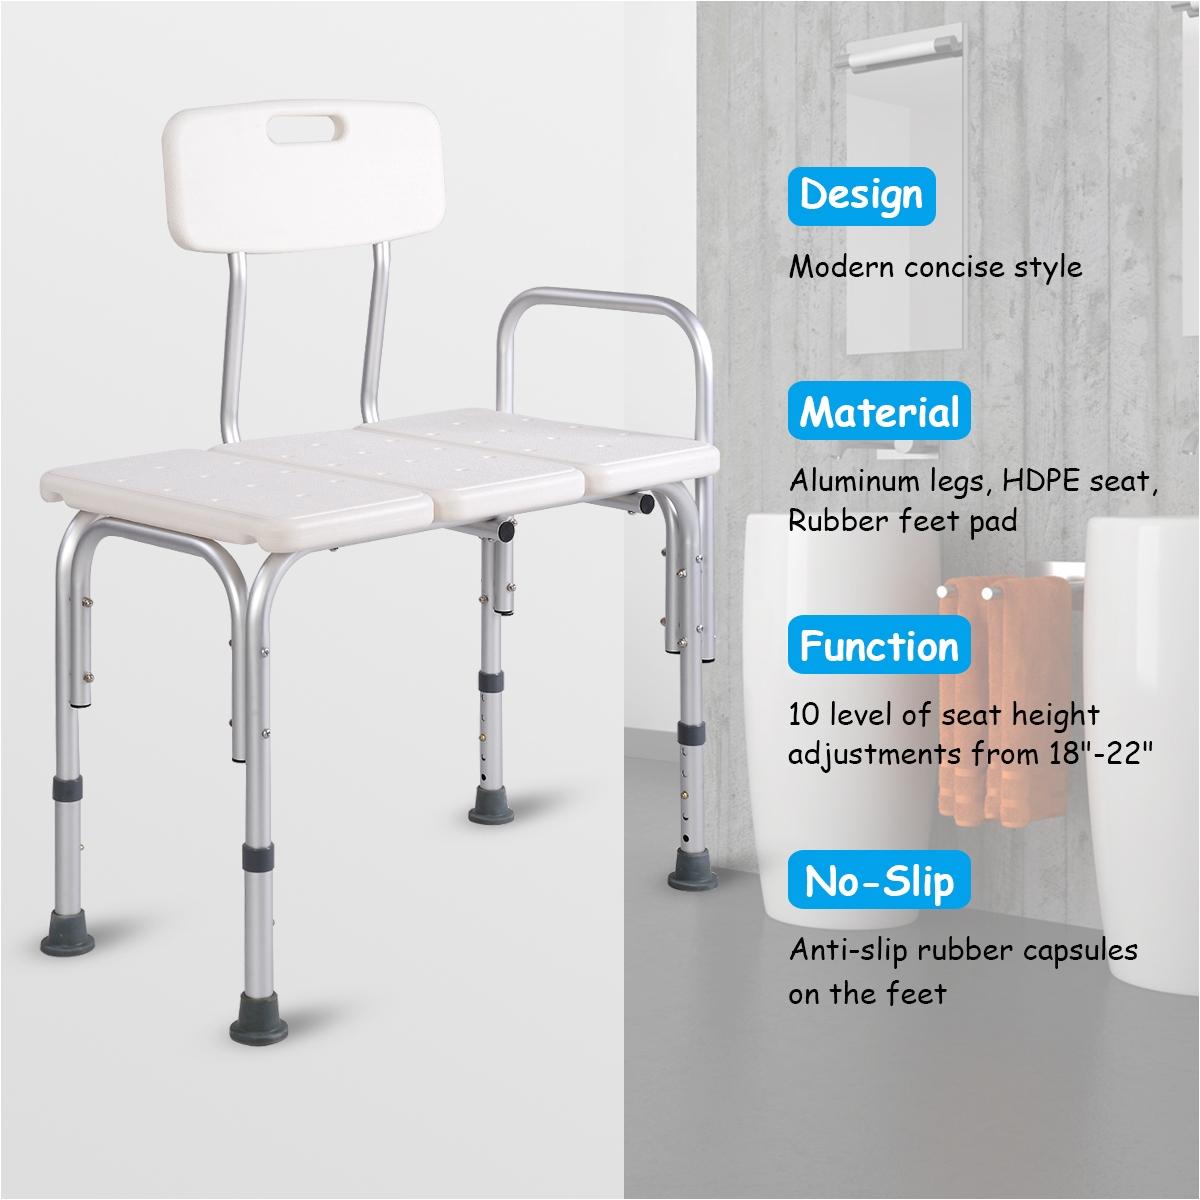 goplus shower bath seat medical adjustable bathroom bath tub transfer bench stool chair walmart com